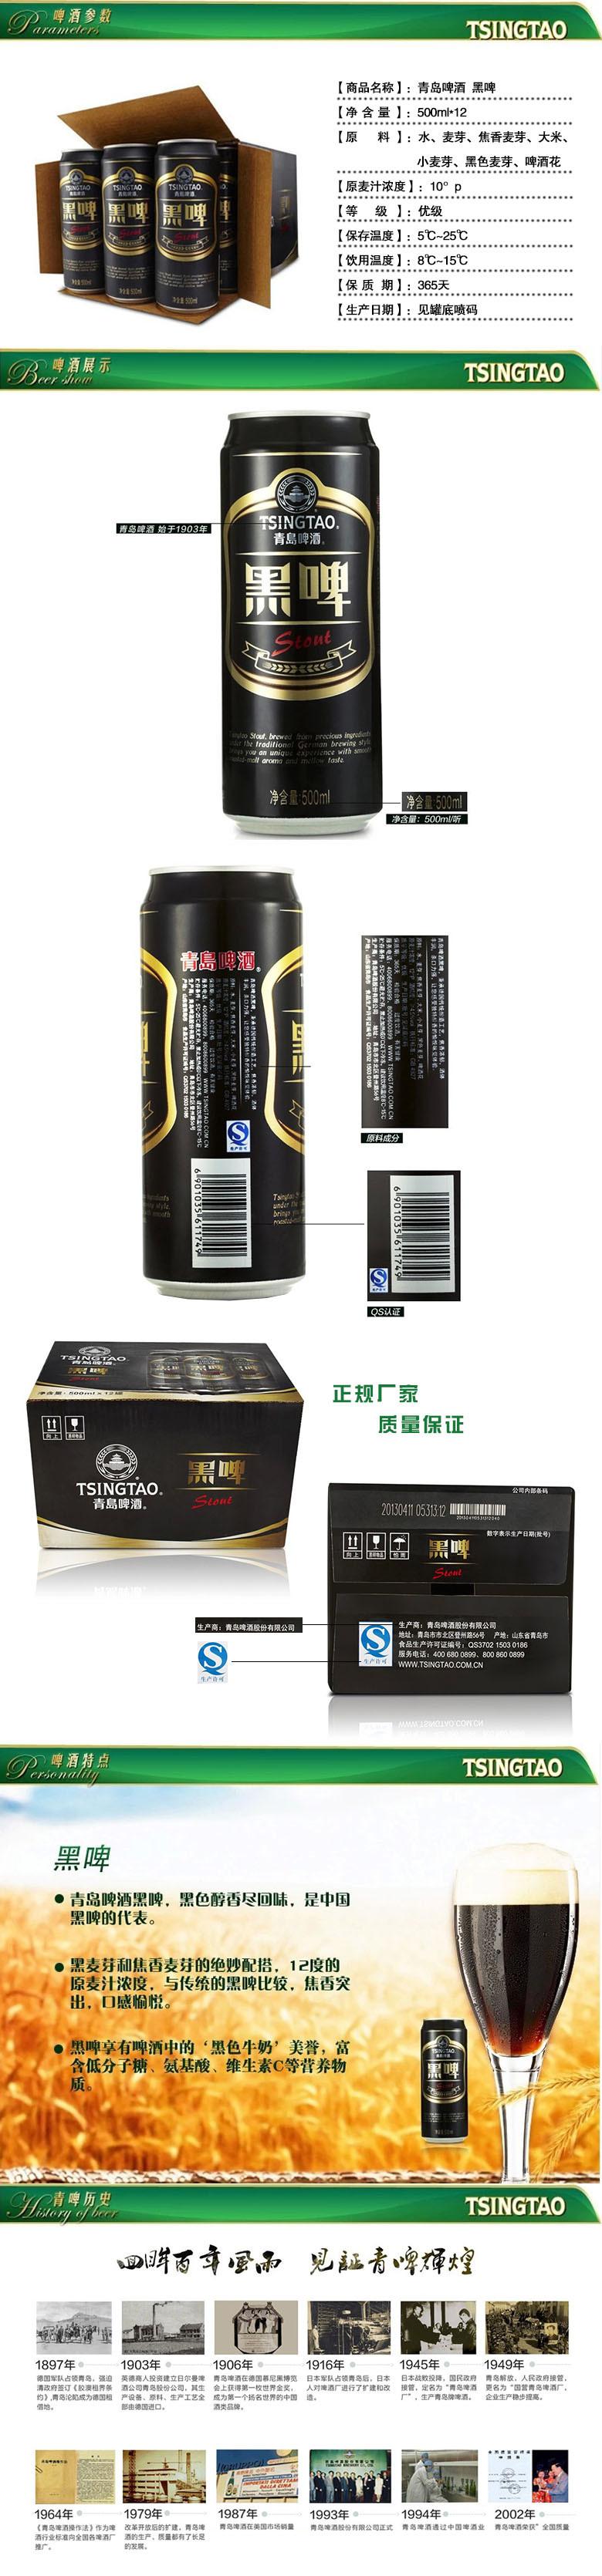 青岛啤酒黑啤听装500ml*12【报价